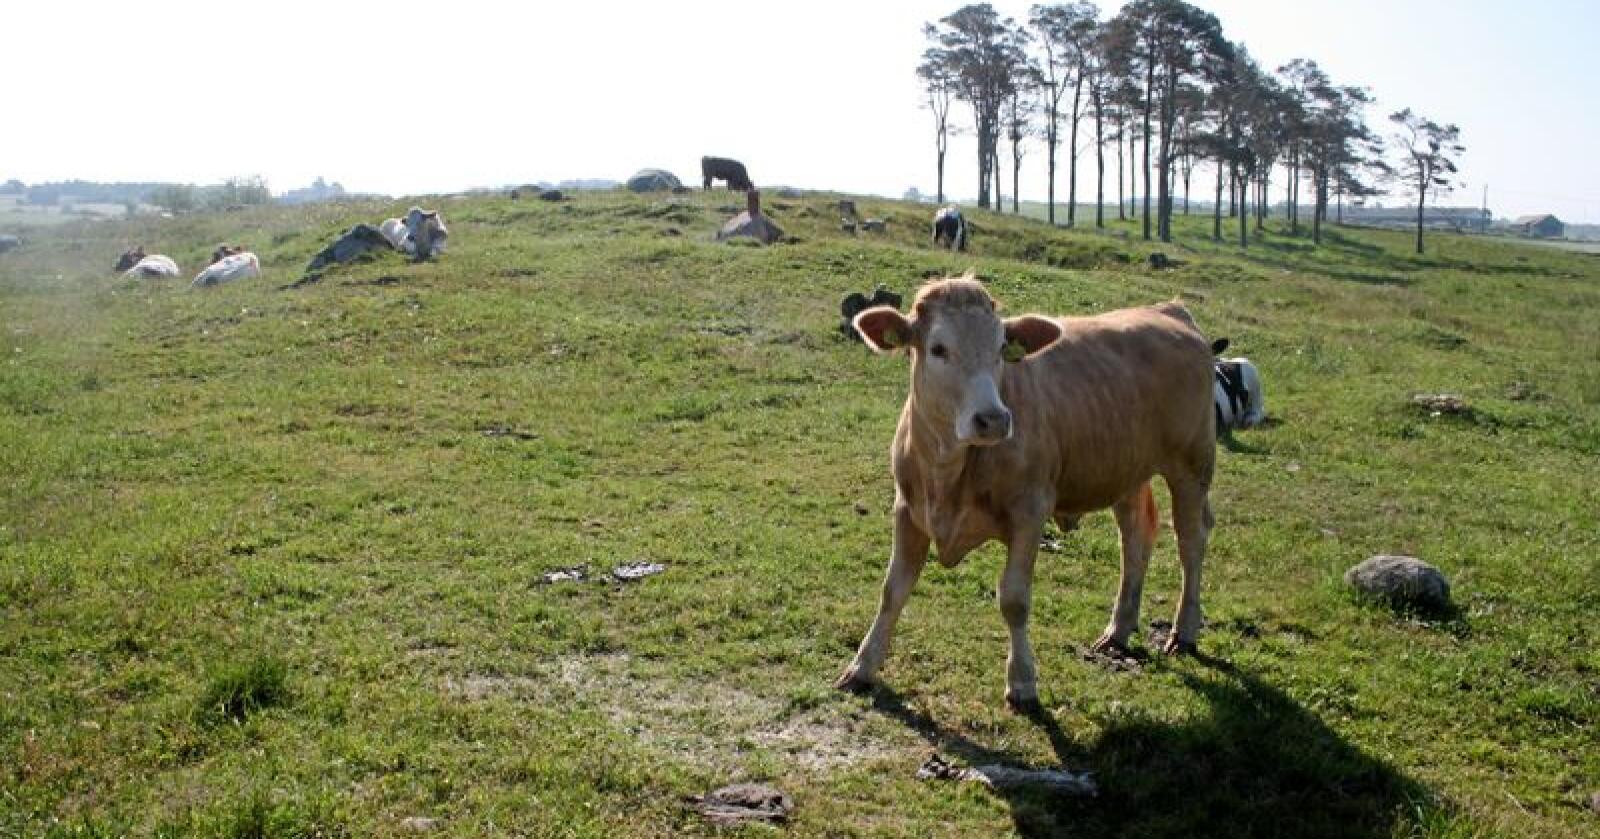 Import på kjøtt blir dyrere, det på grunn av fôrkrisa og nedslakting av dyr. Foto: Bjarne Bekkeheien Aase.